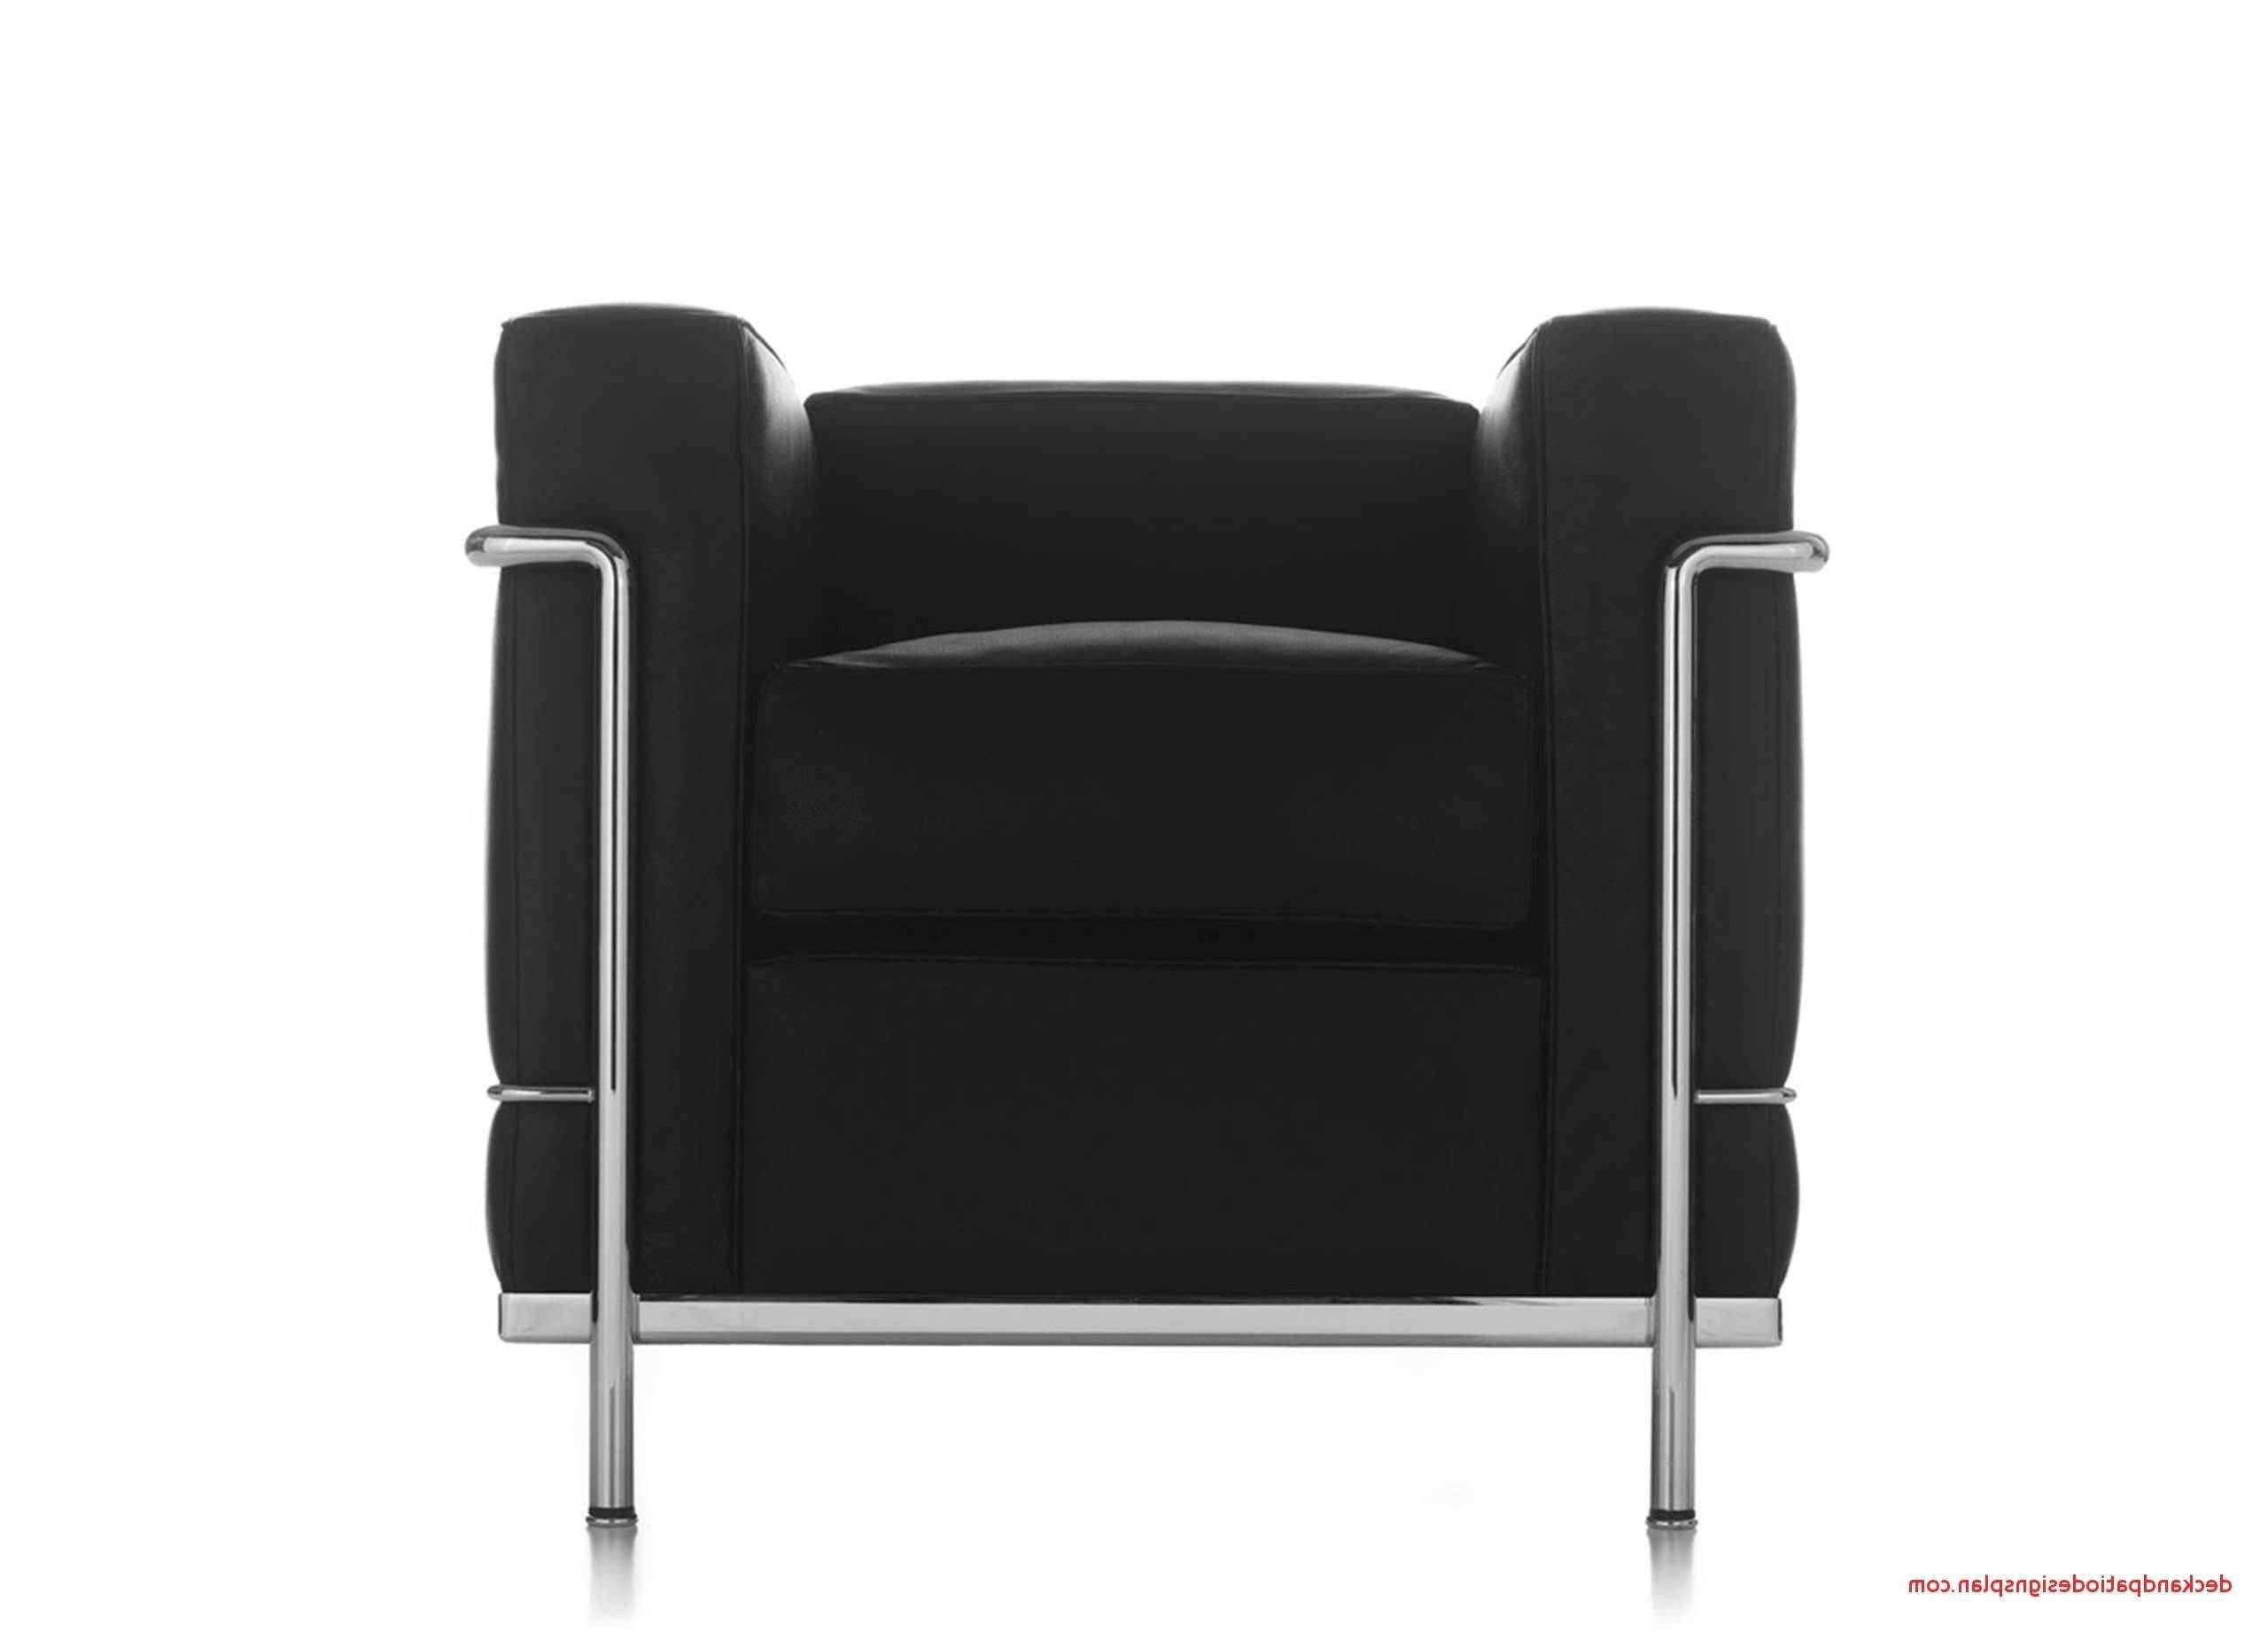 outdoor liege couch frisch 0d aufblasbares bilder sofa kxiztoup vidvho8k of sessel neu beziehen